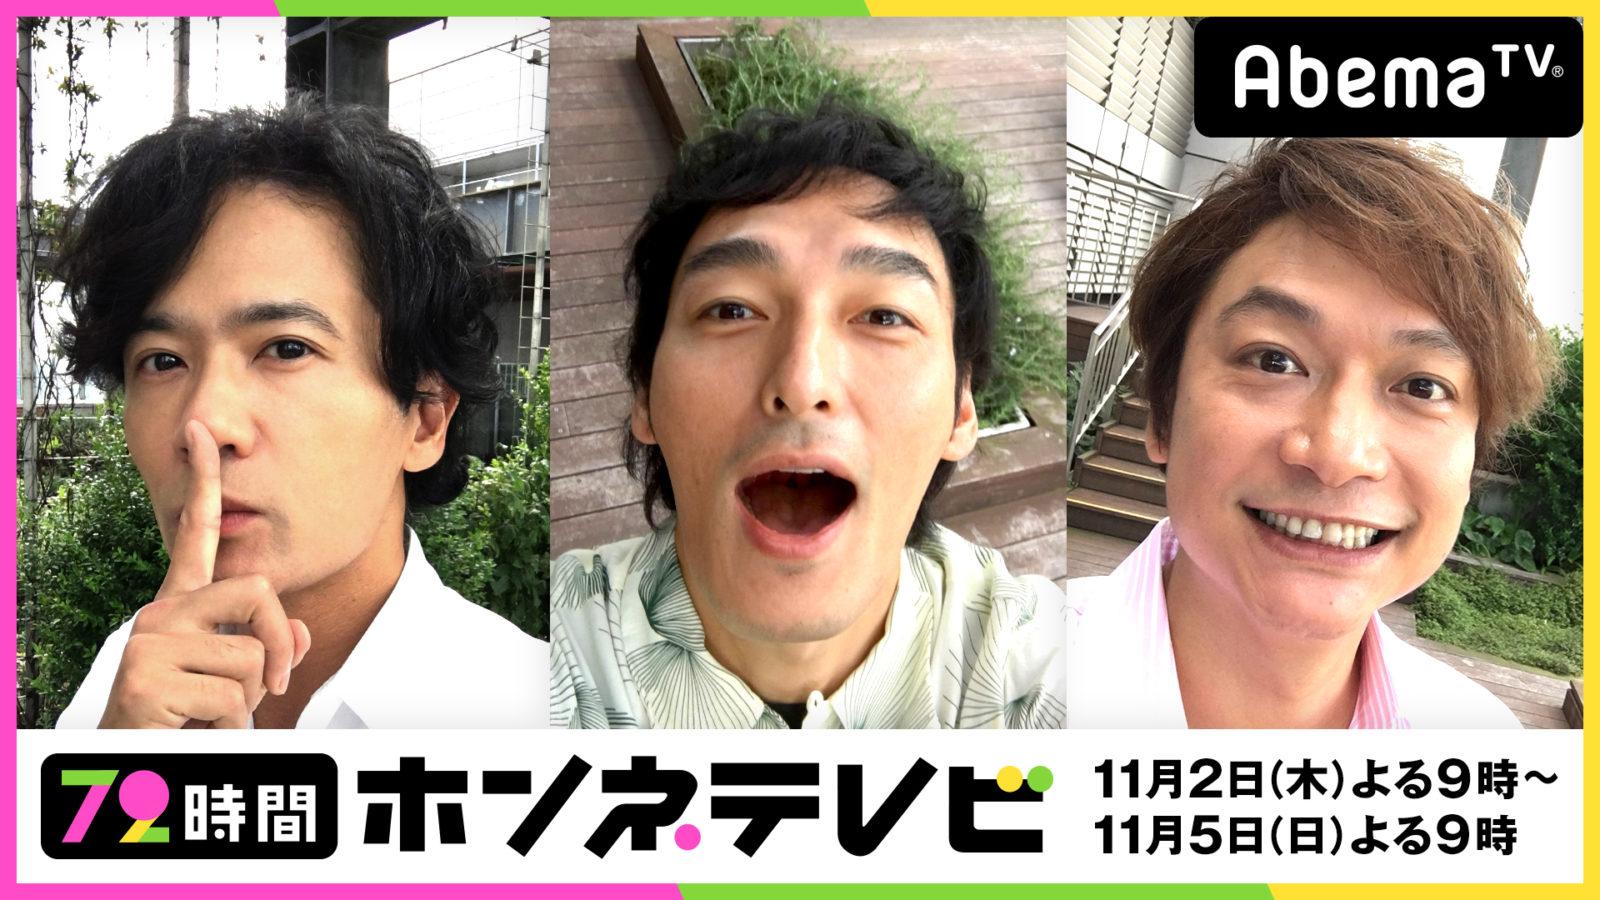 「稲垣・草なぎ・香取3人でインターネットはじめます『72時間ホンネテレビ』」 番組予約数がAbemaTV過去最高を記録サムネイル画像